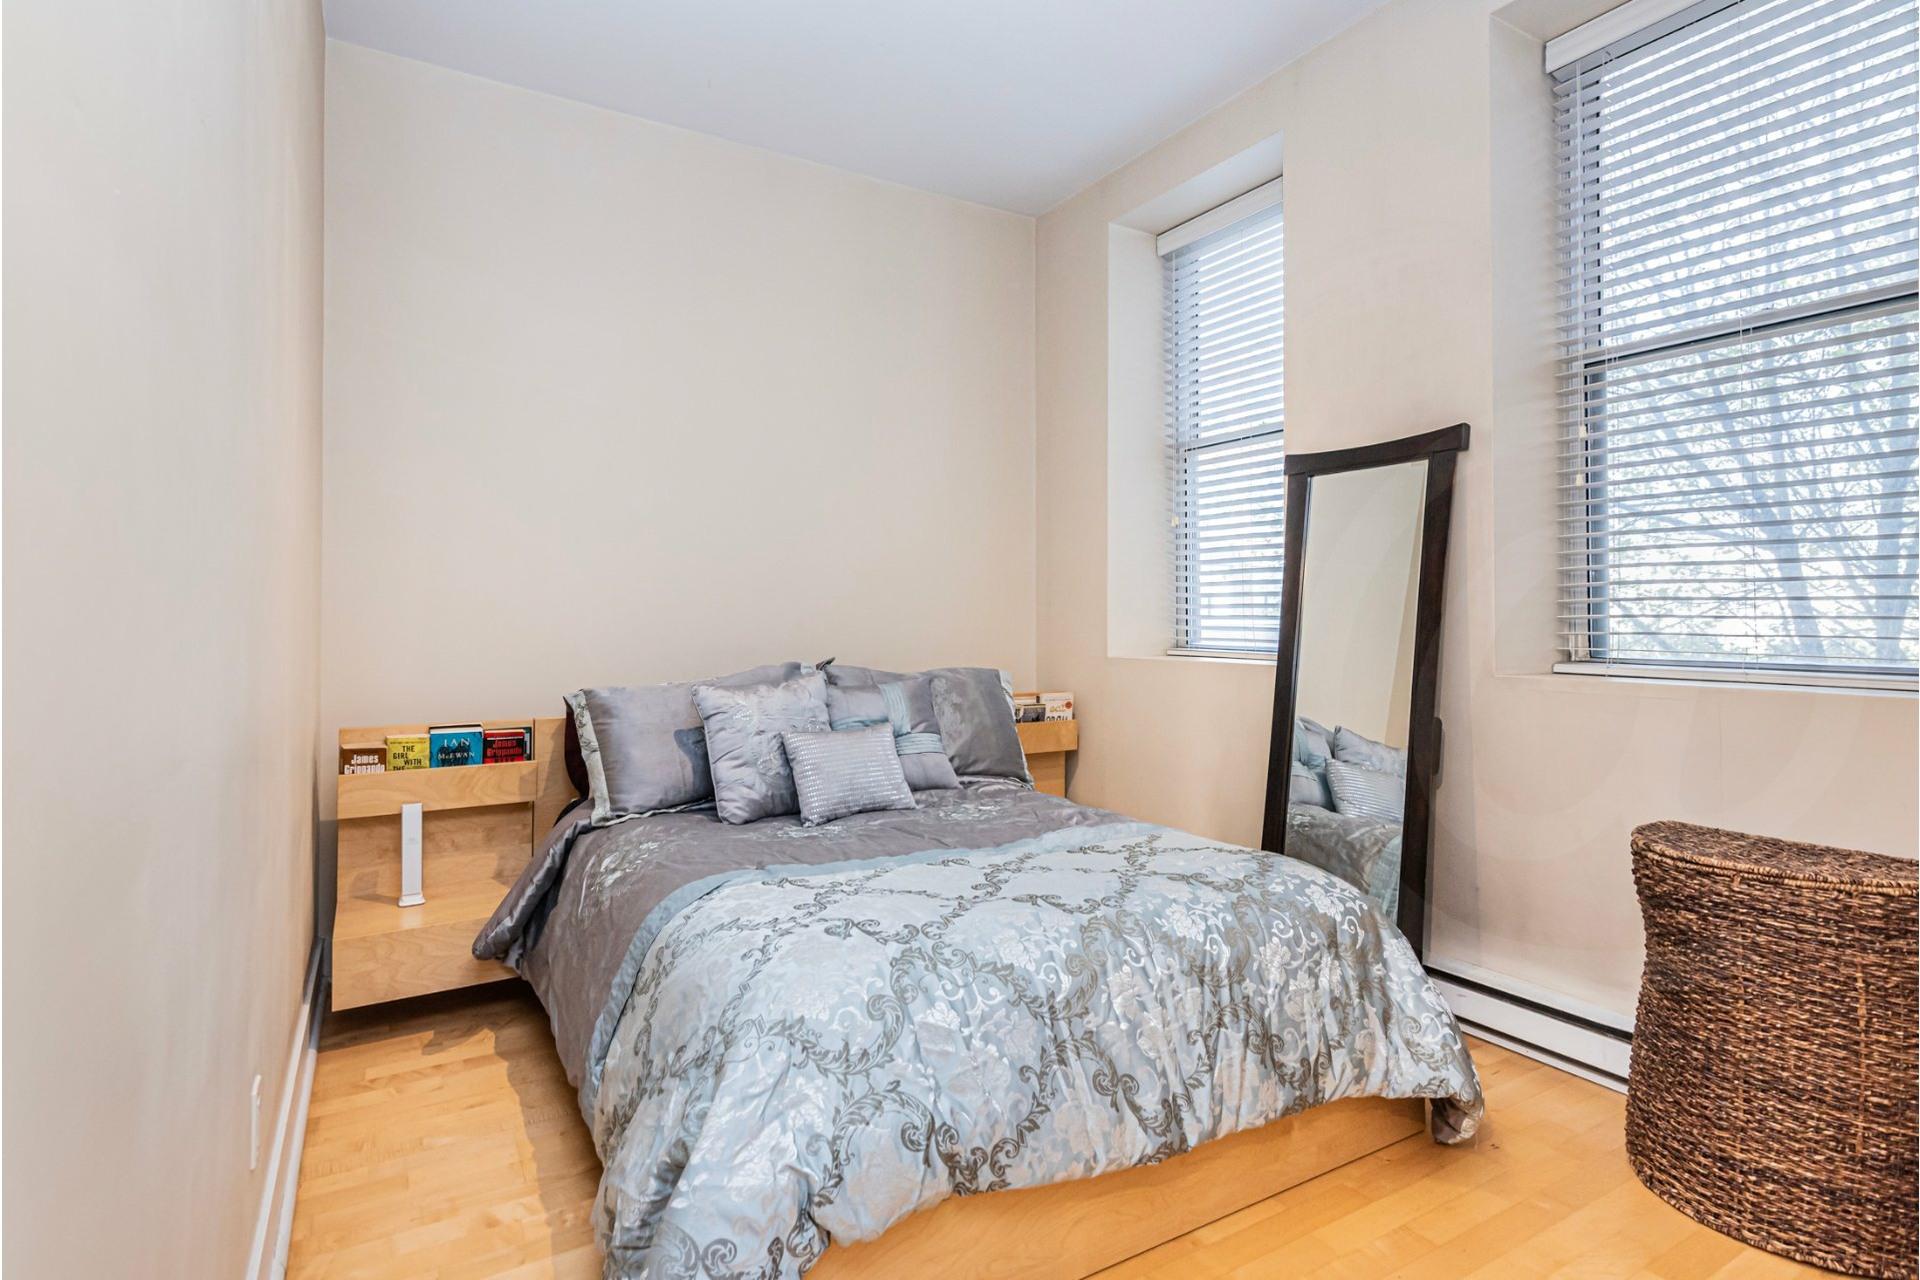 image 1 - Appartement À vendre Lachine Montréal  - 4 pièces